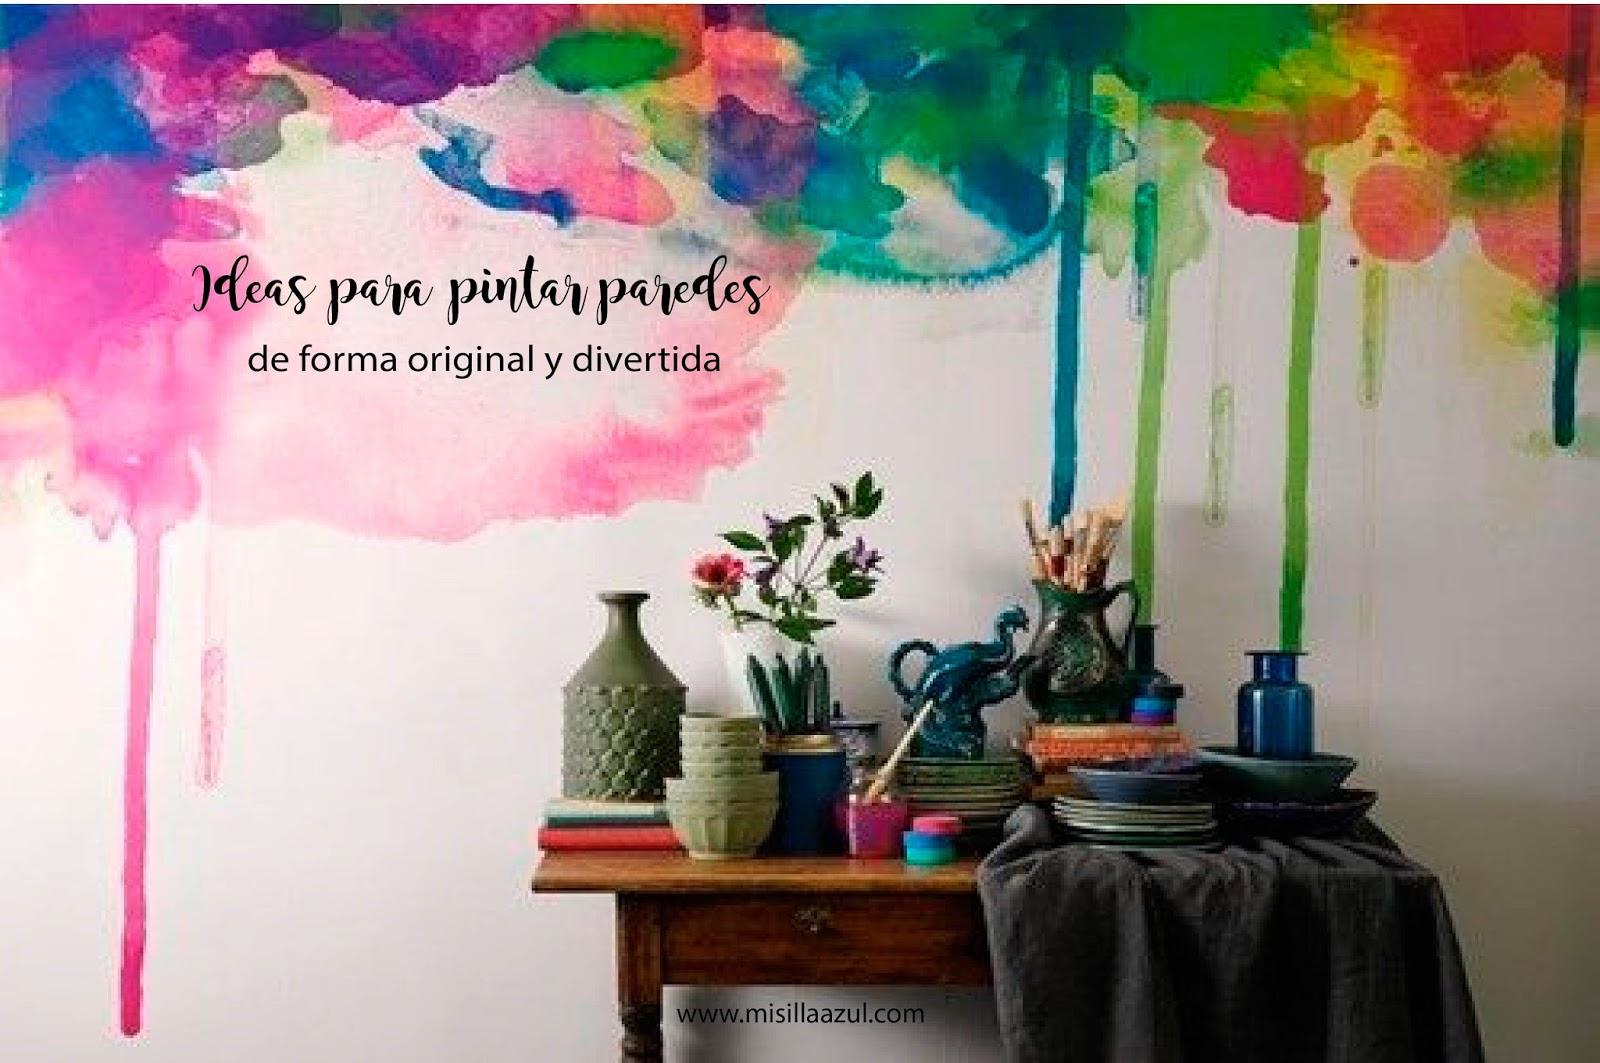 Ideas para pintar paredes diariodeco - Ideas para pintar la casa ...